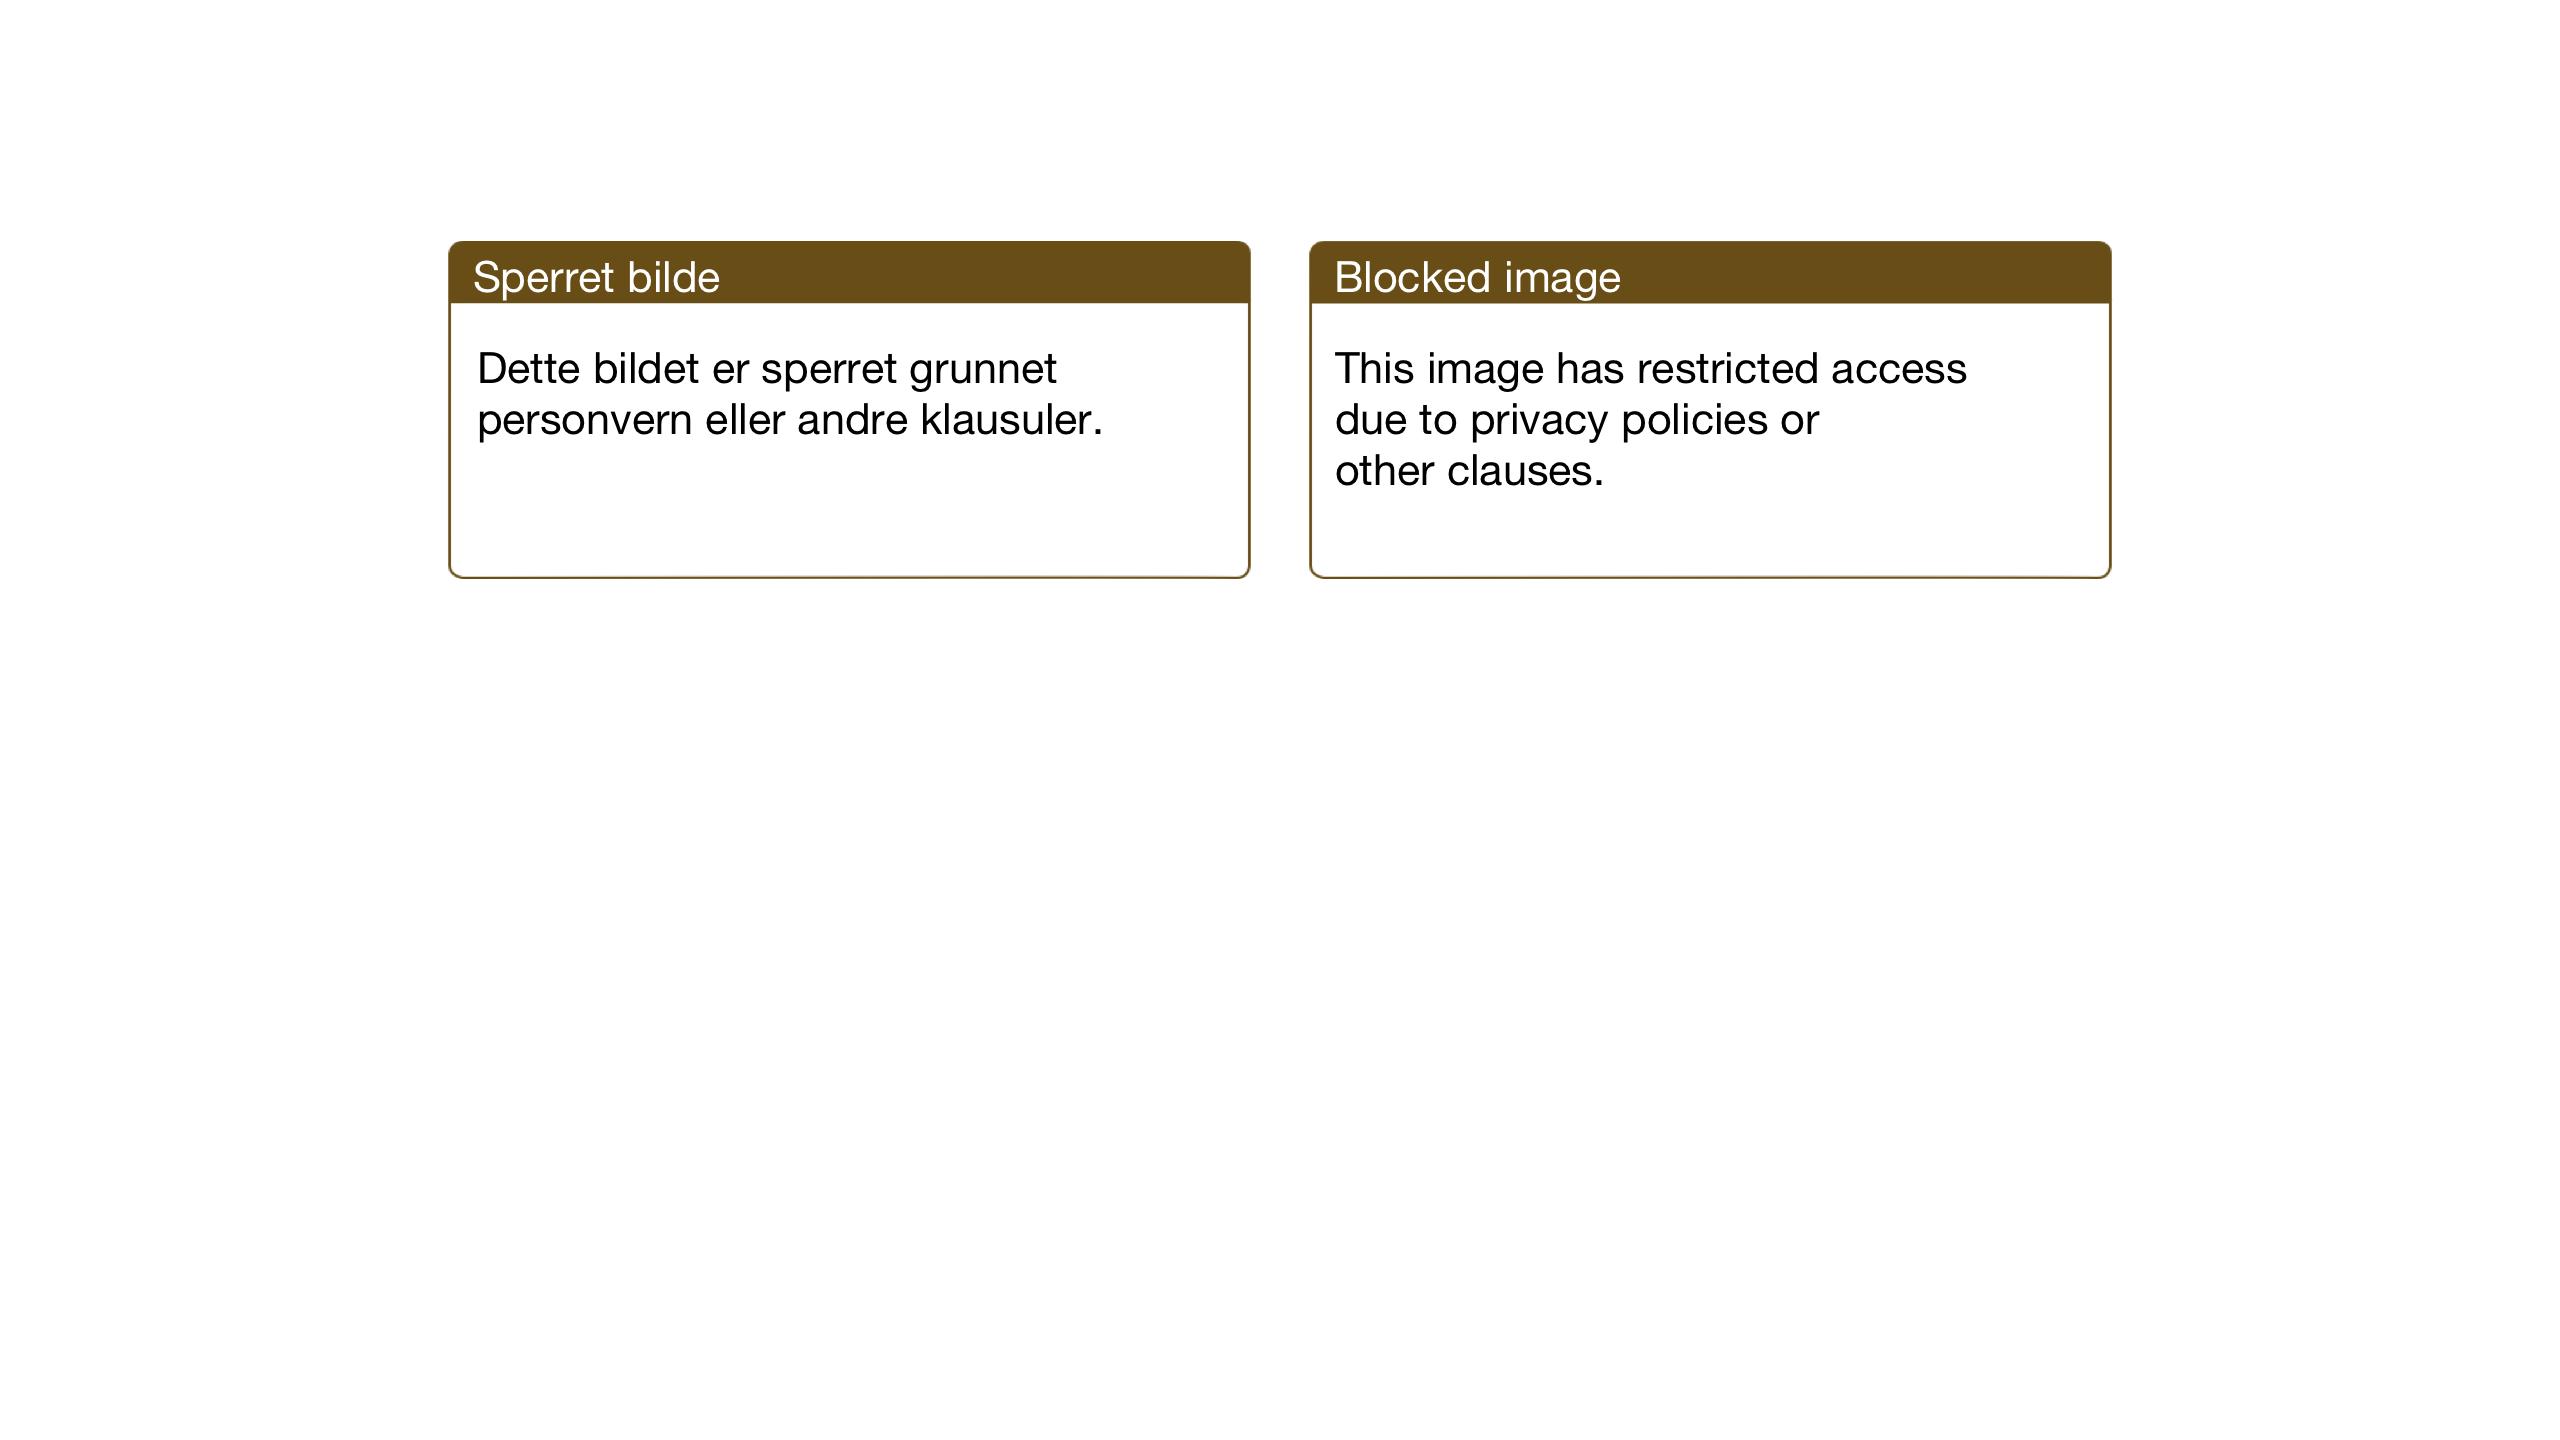 SAT, Ministerialprotokoller, klokkerbøker og fødselsregistre - Sør-Trøndelag, 630/L0508: Klokkerbok nr. 630C06, 1933-1950, s. 76